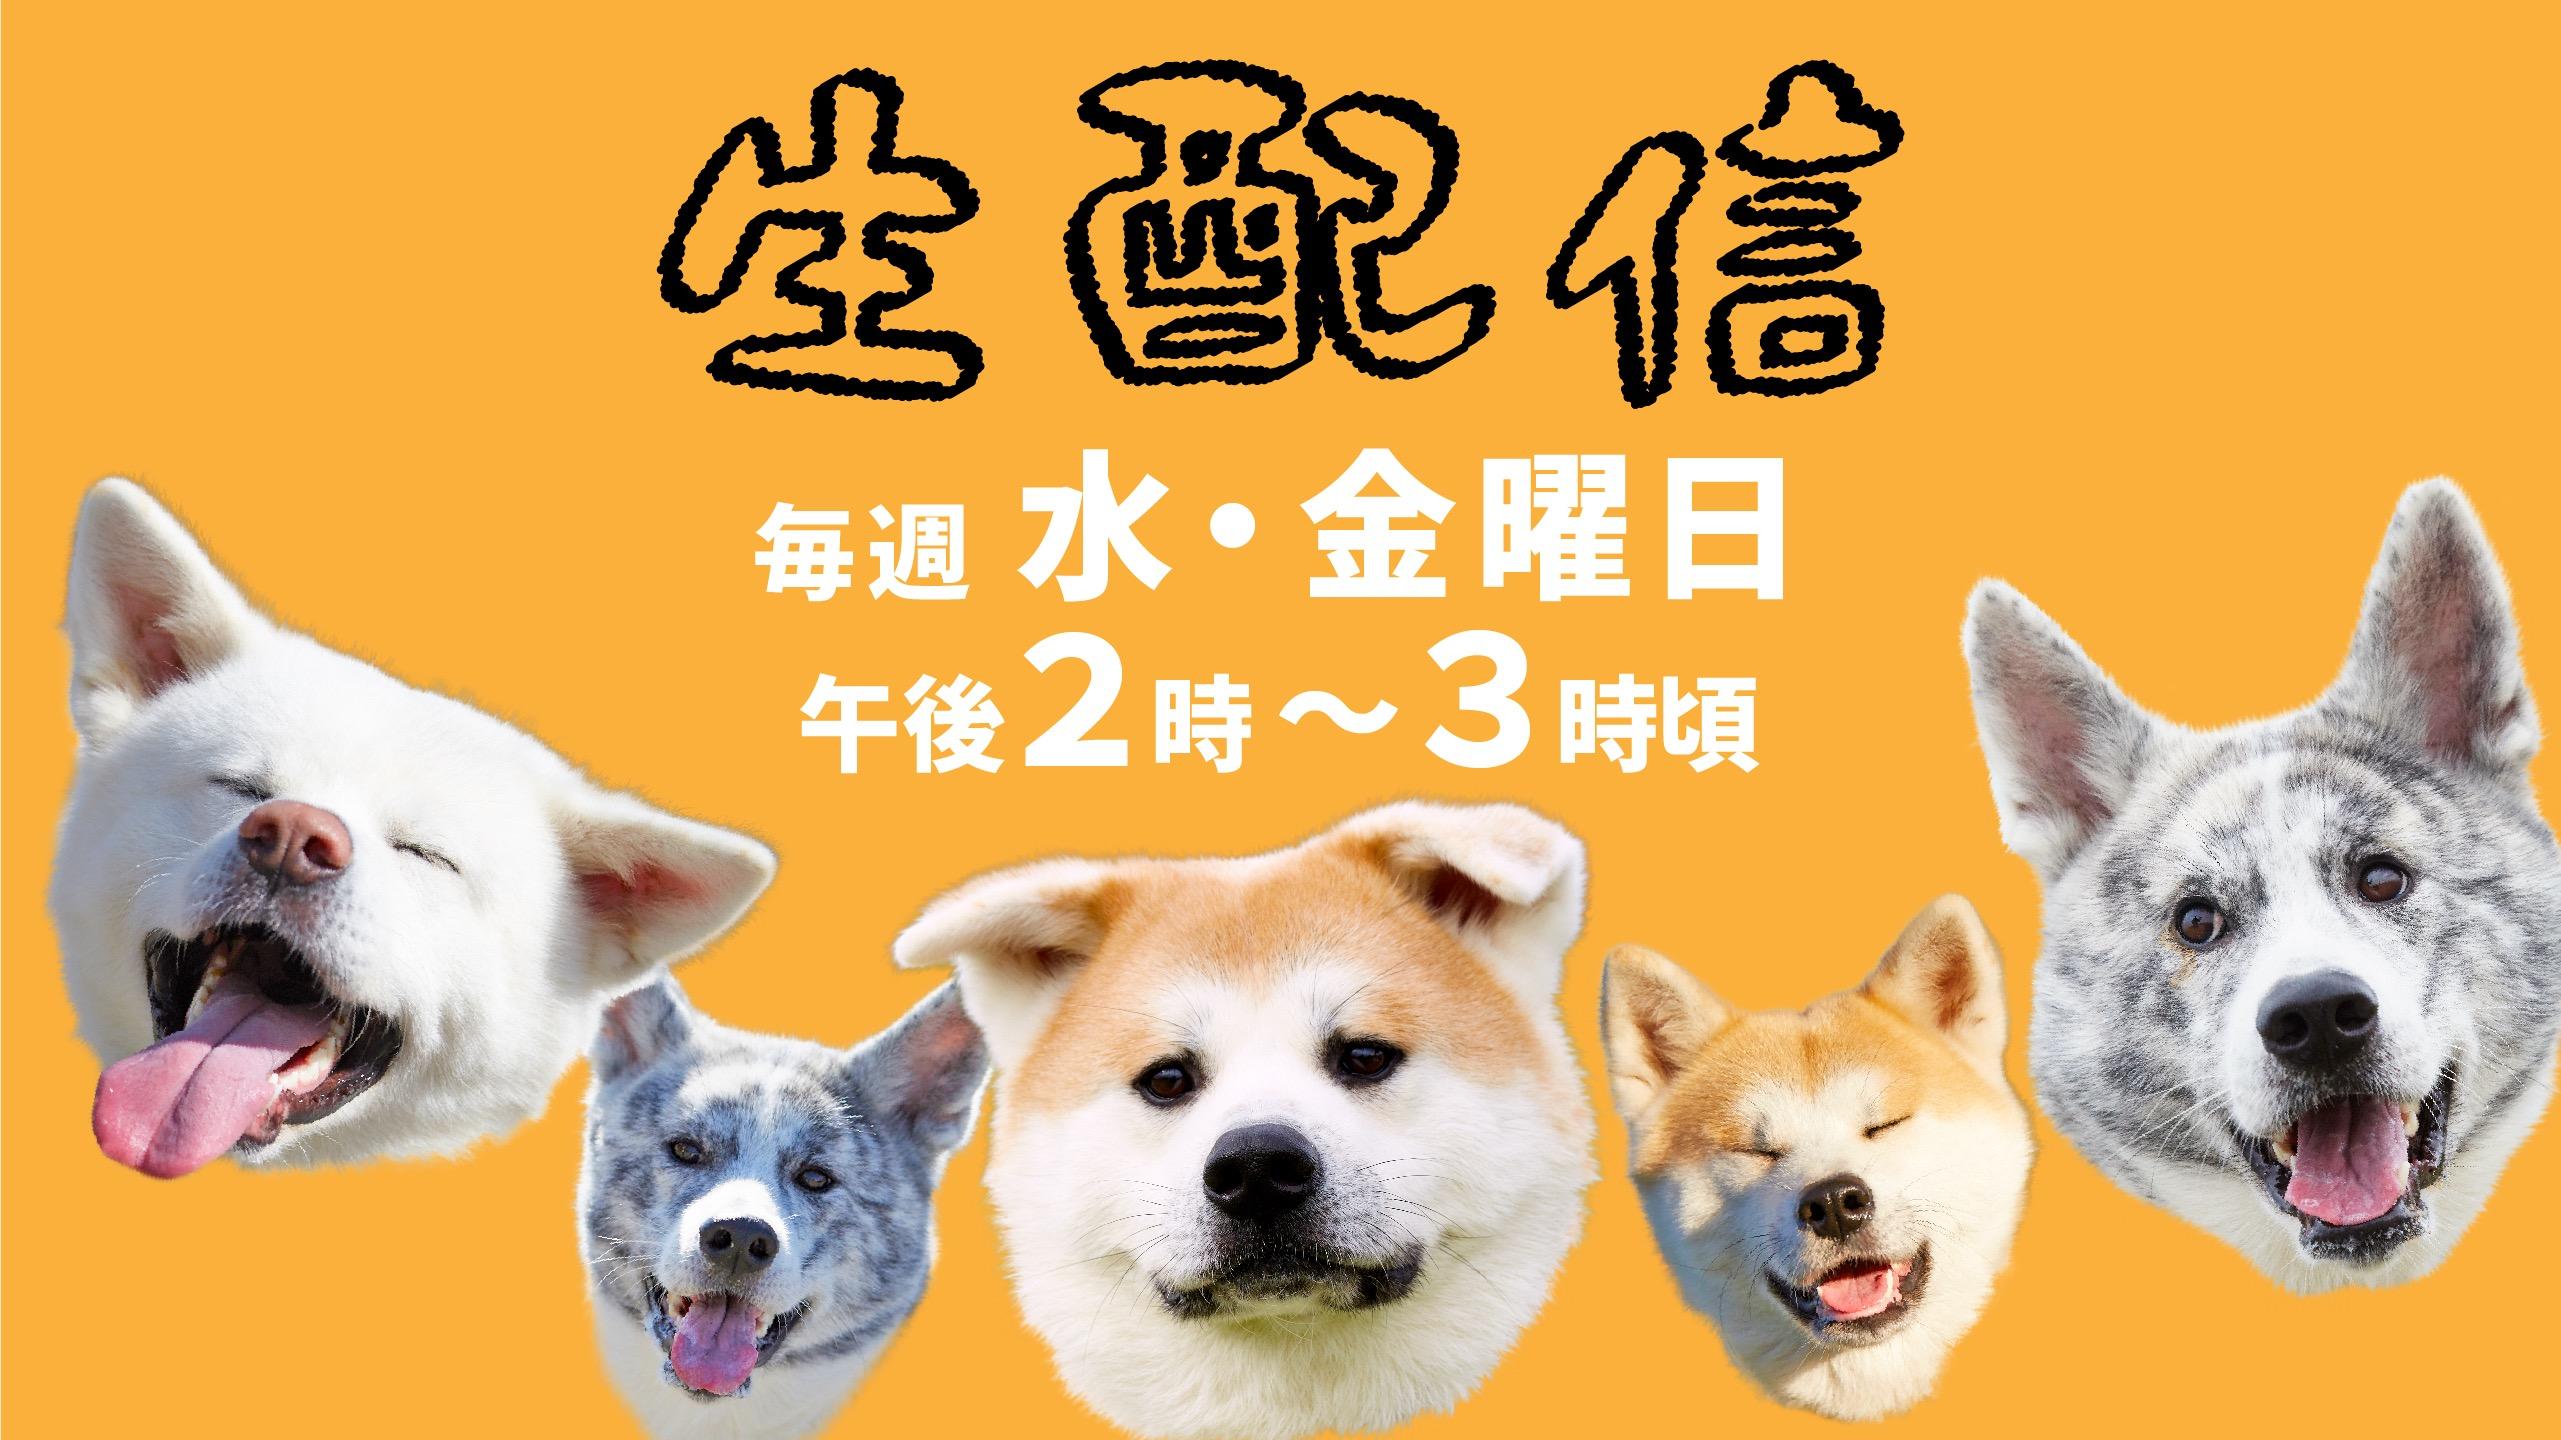 秋田犬が遊んでいる様子の生配信、始めます!